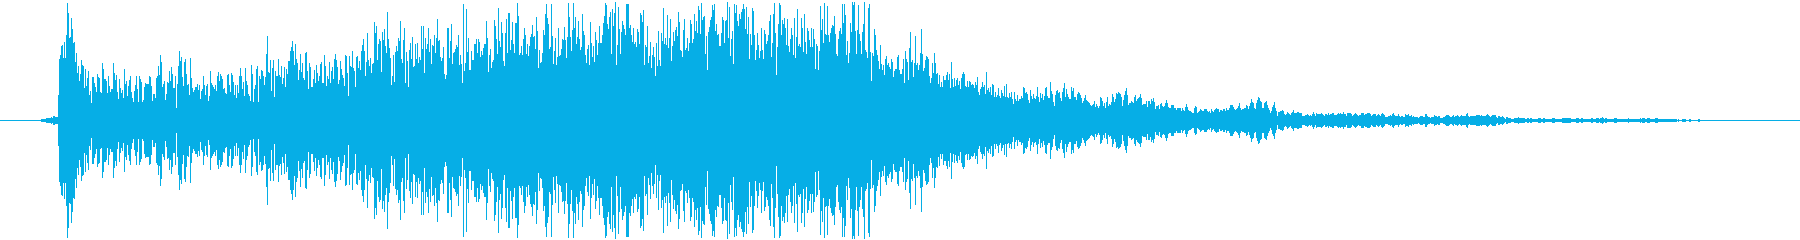 ダークな雰囲気のサウンドロゴ(ジングル)の再生済みの波形